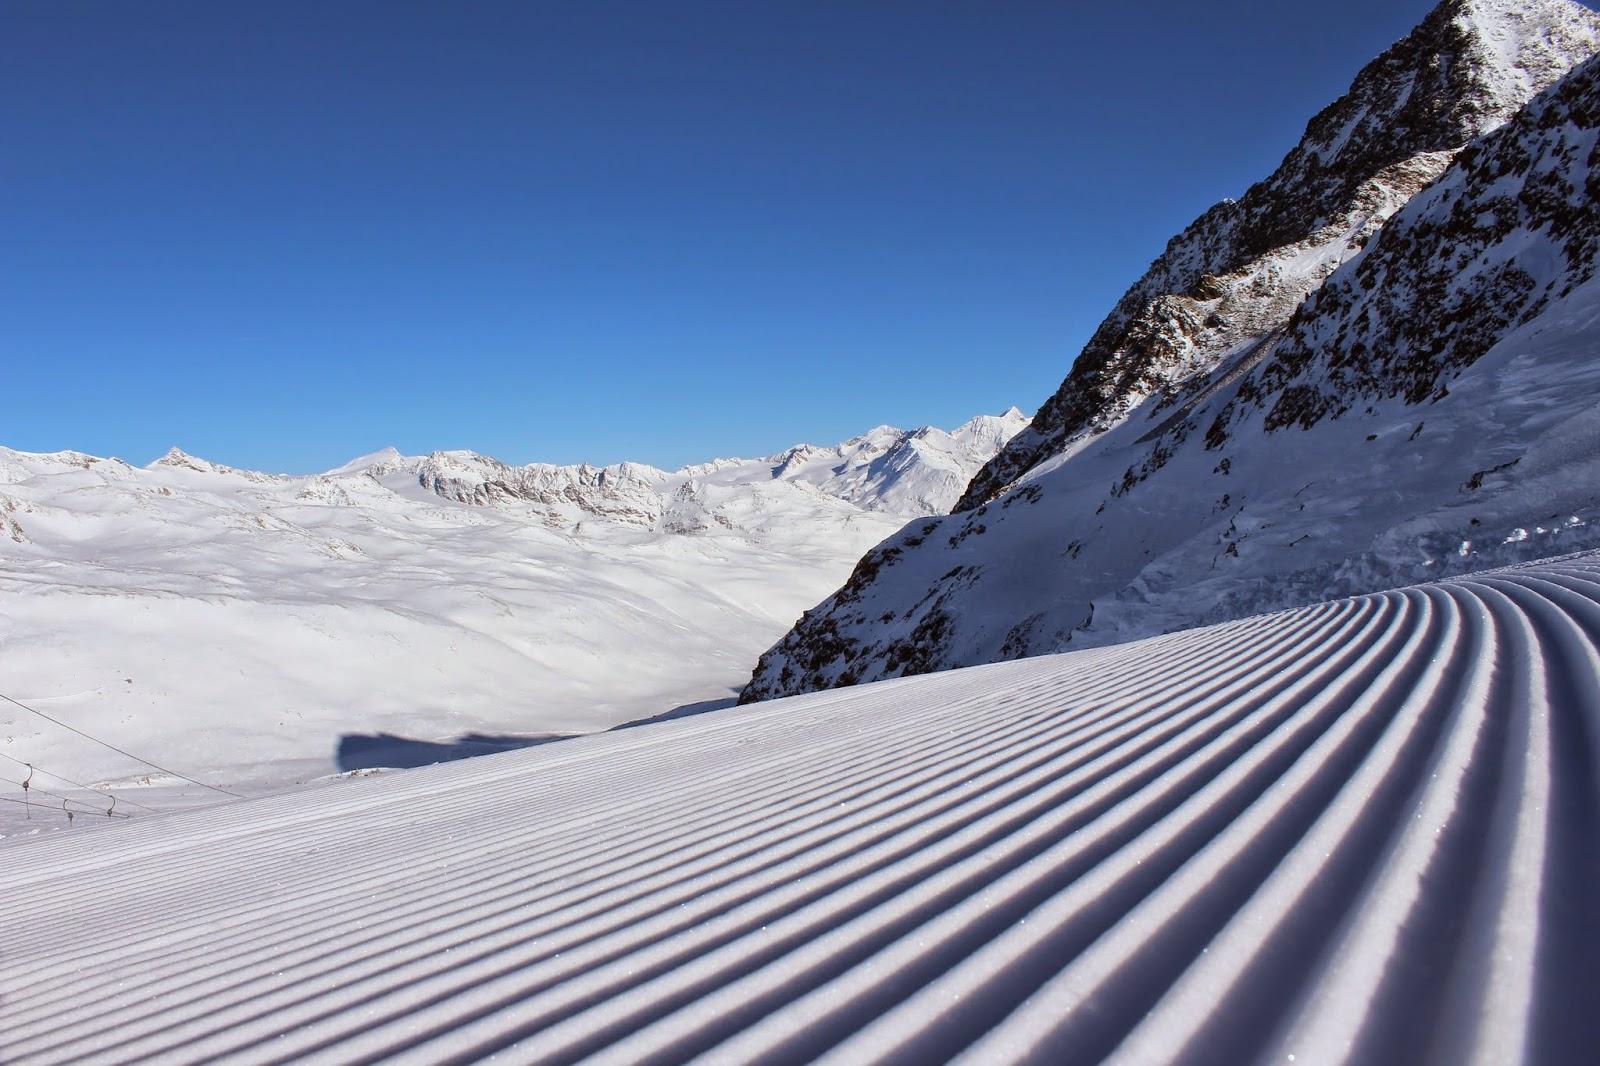 inspirations, ratak, śnieg snow piękny widok,włochy foto,niebo,zdjęcie śniegu,idealne zdjęcie,fale, góry, mountain inspirations,sport italy,